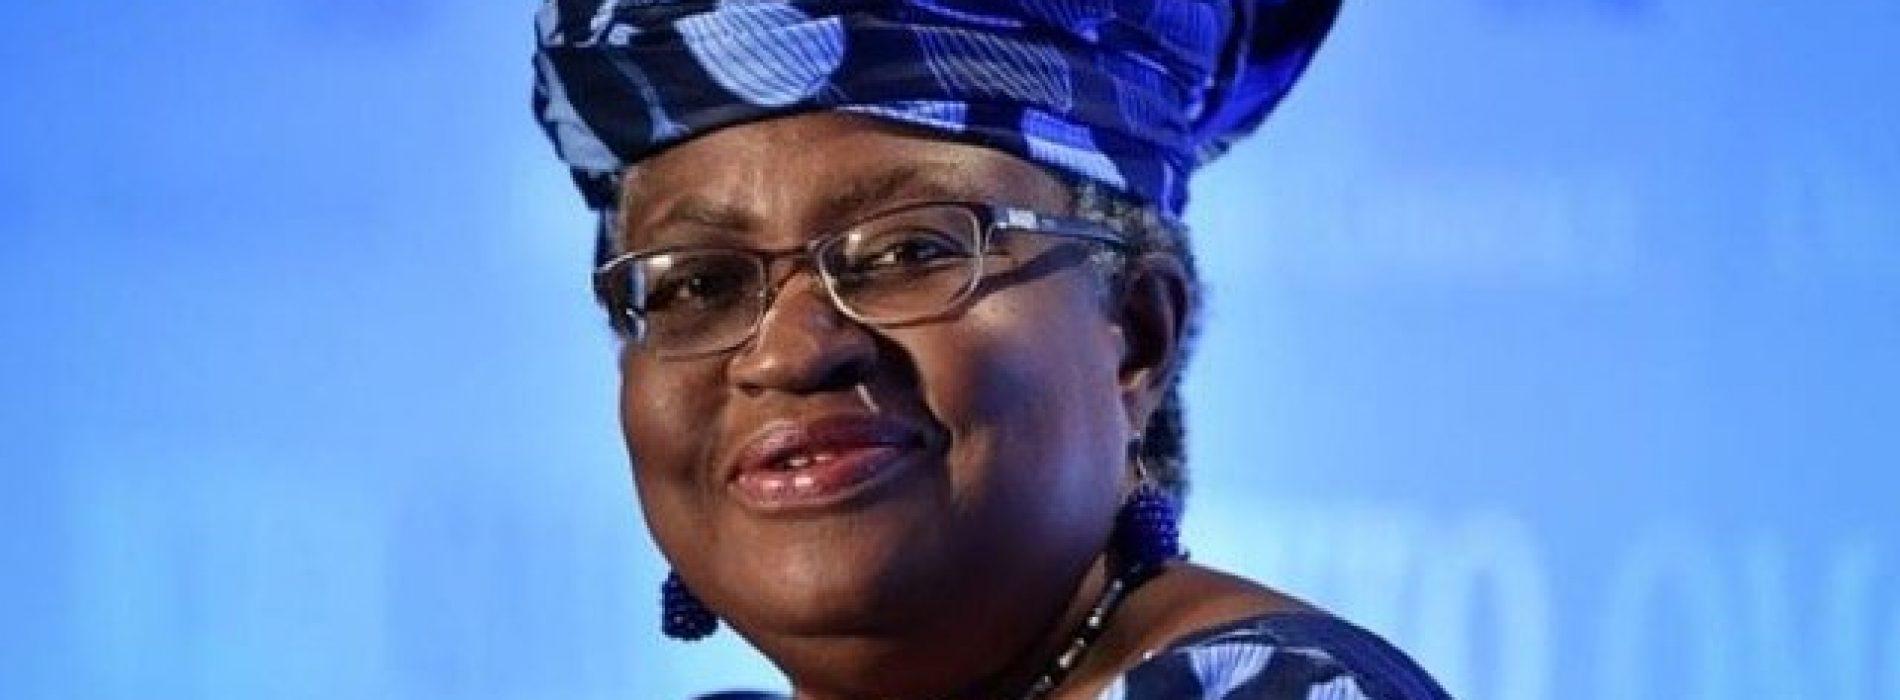 L'economista nigeriana e' pronta a diventare il primo capo donna del WTO